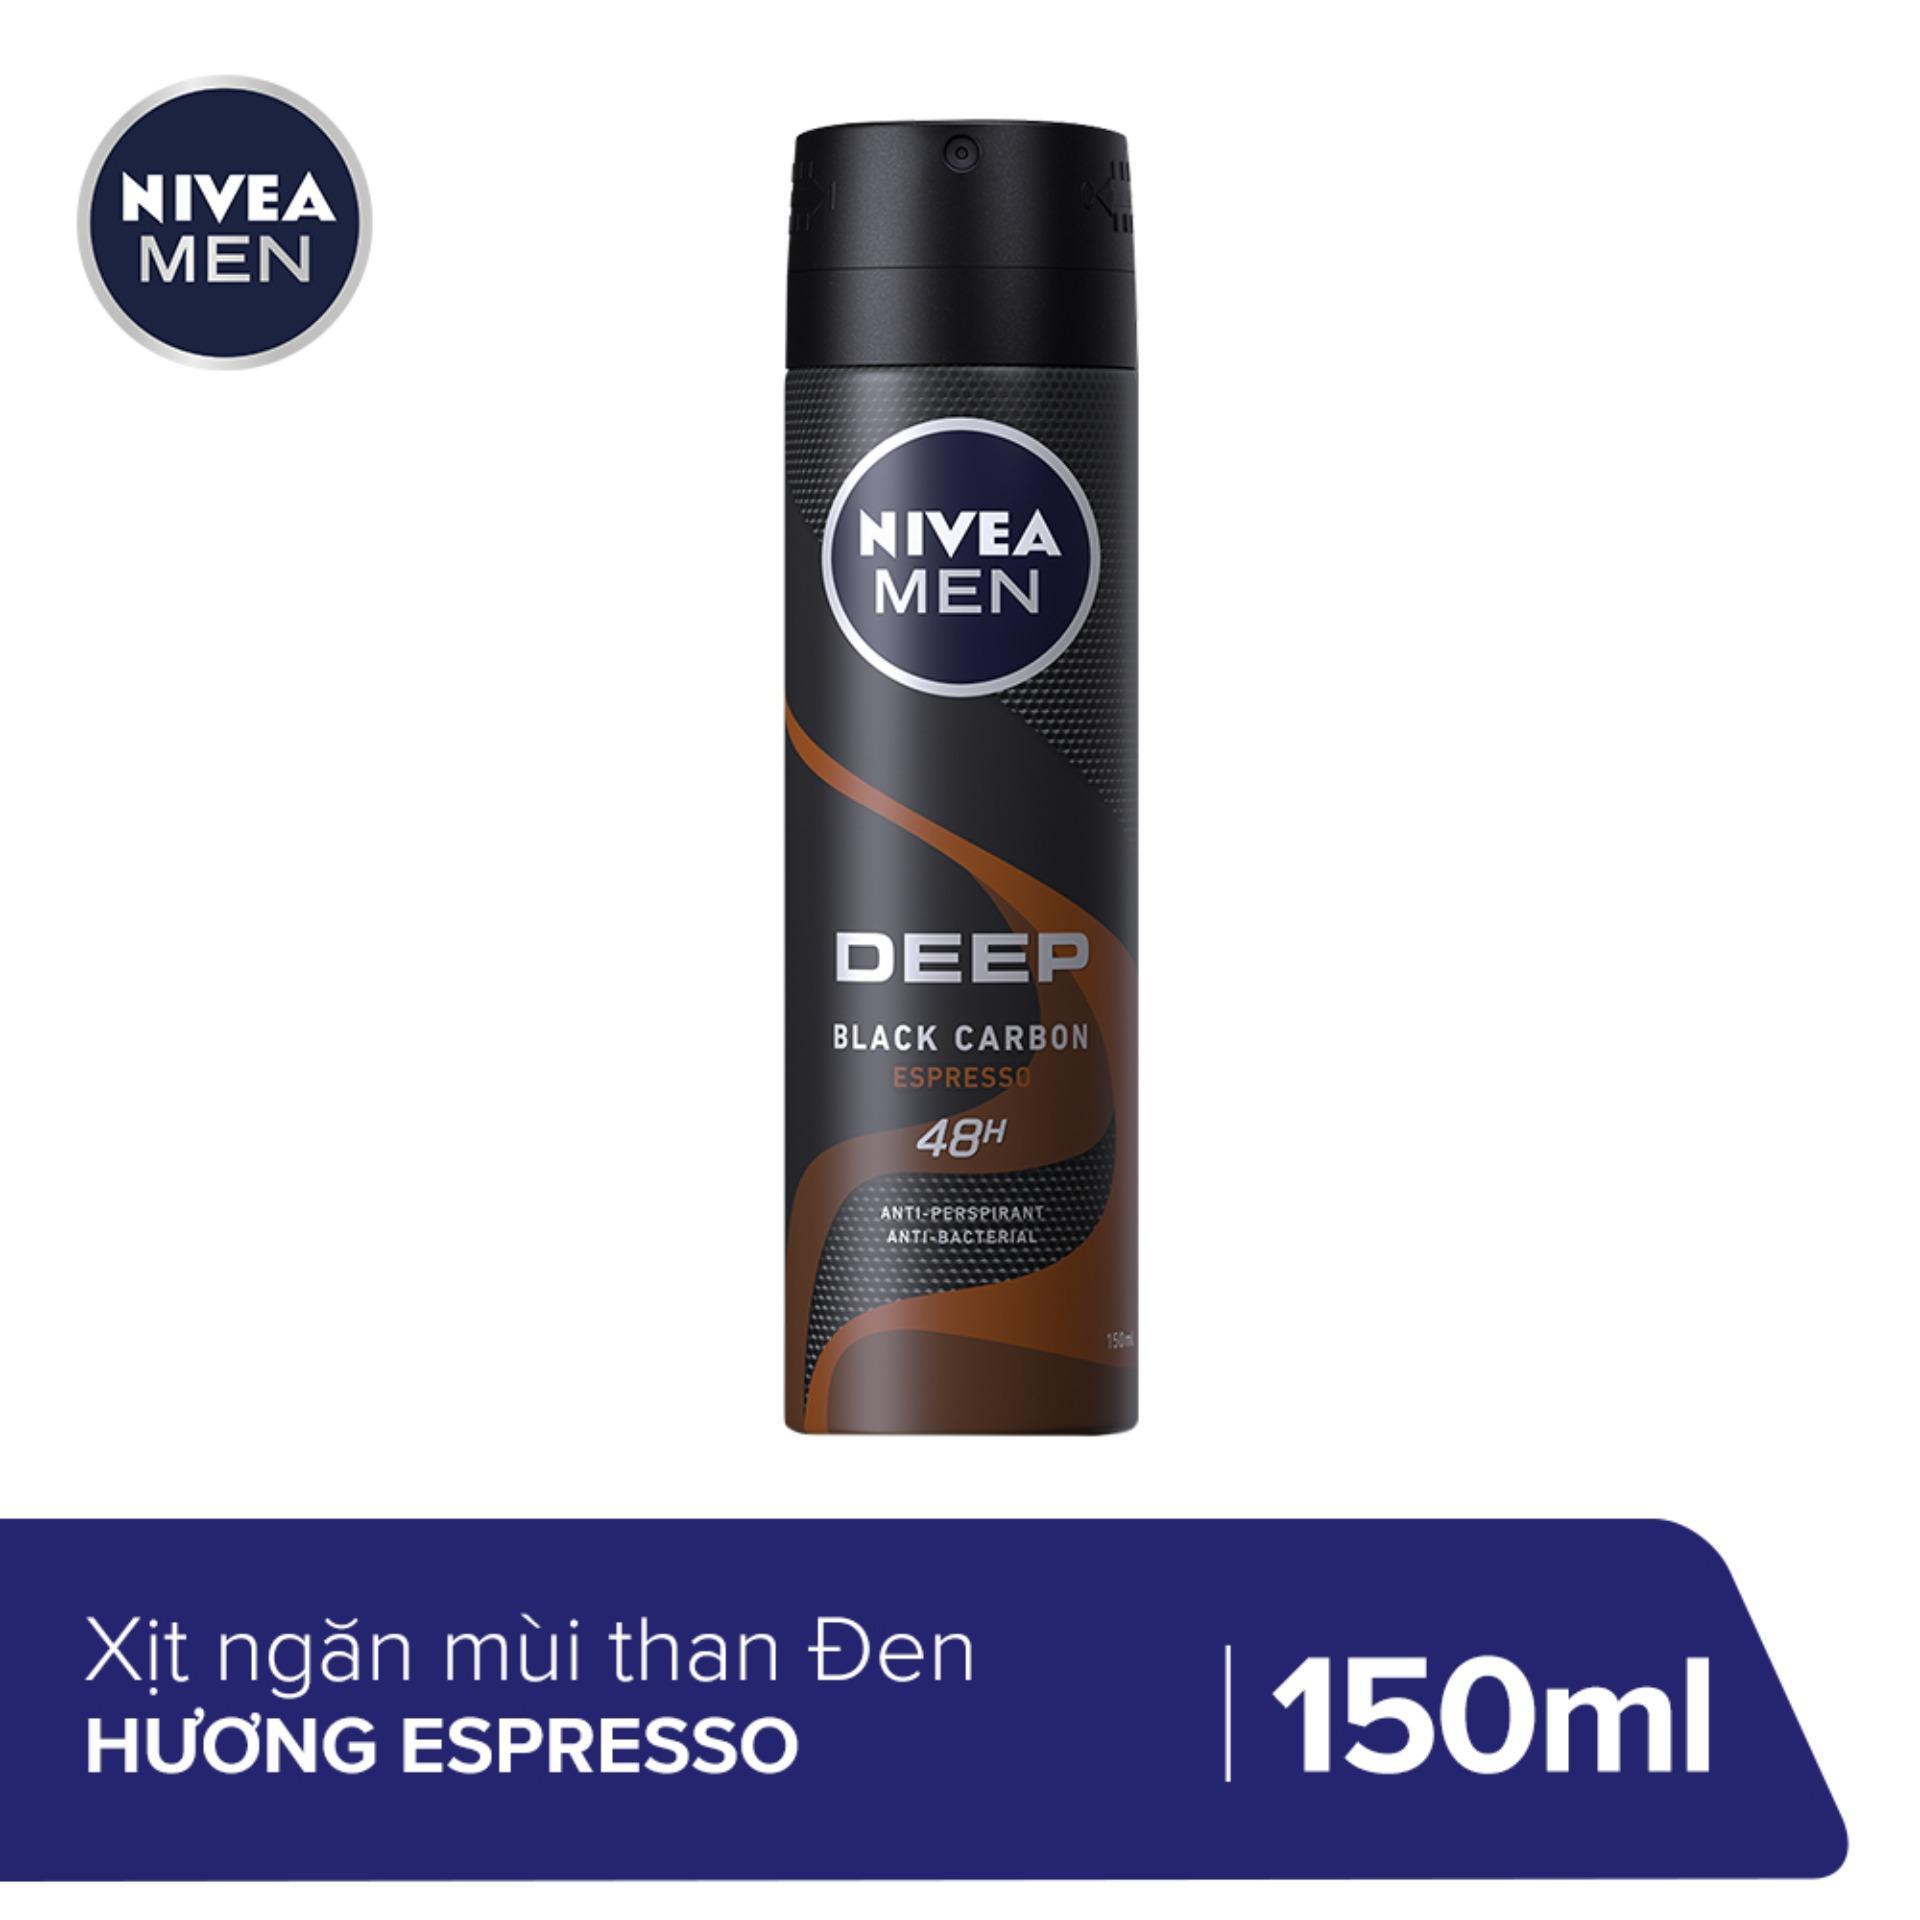 Xịt ngăn mùi Nivea Than Đen Hương Espresso 150ML - 85367 nhập khẩu